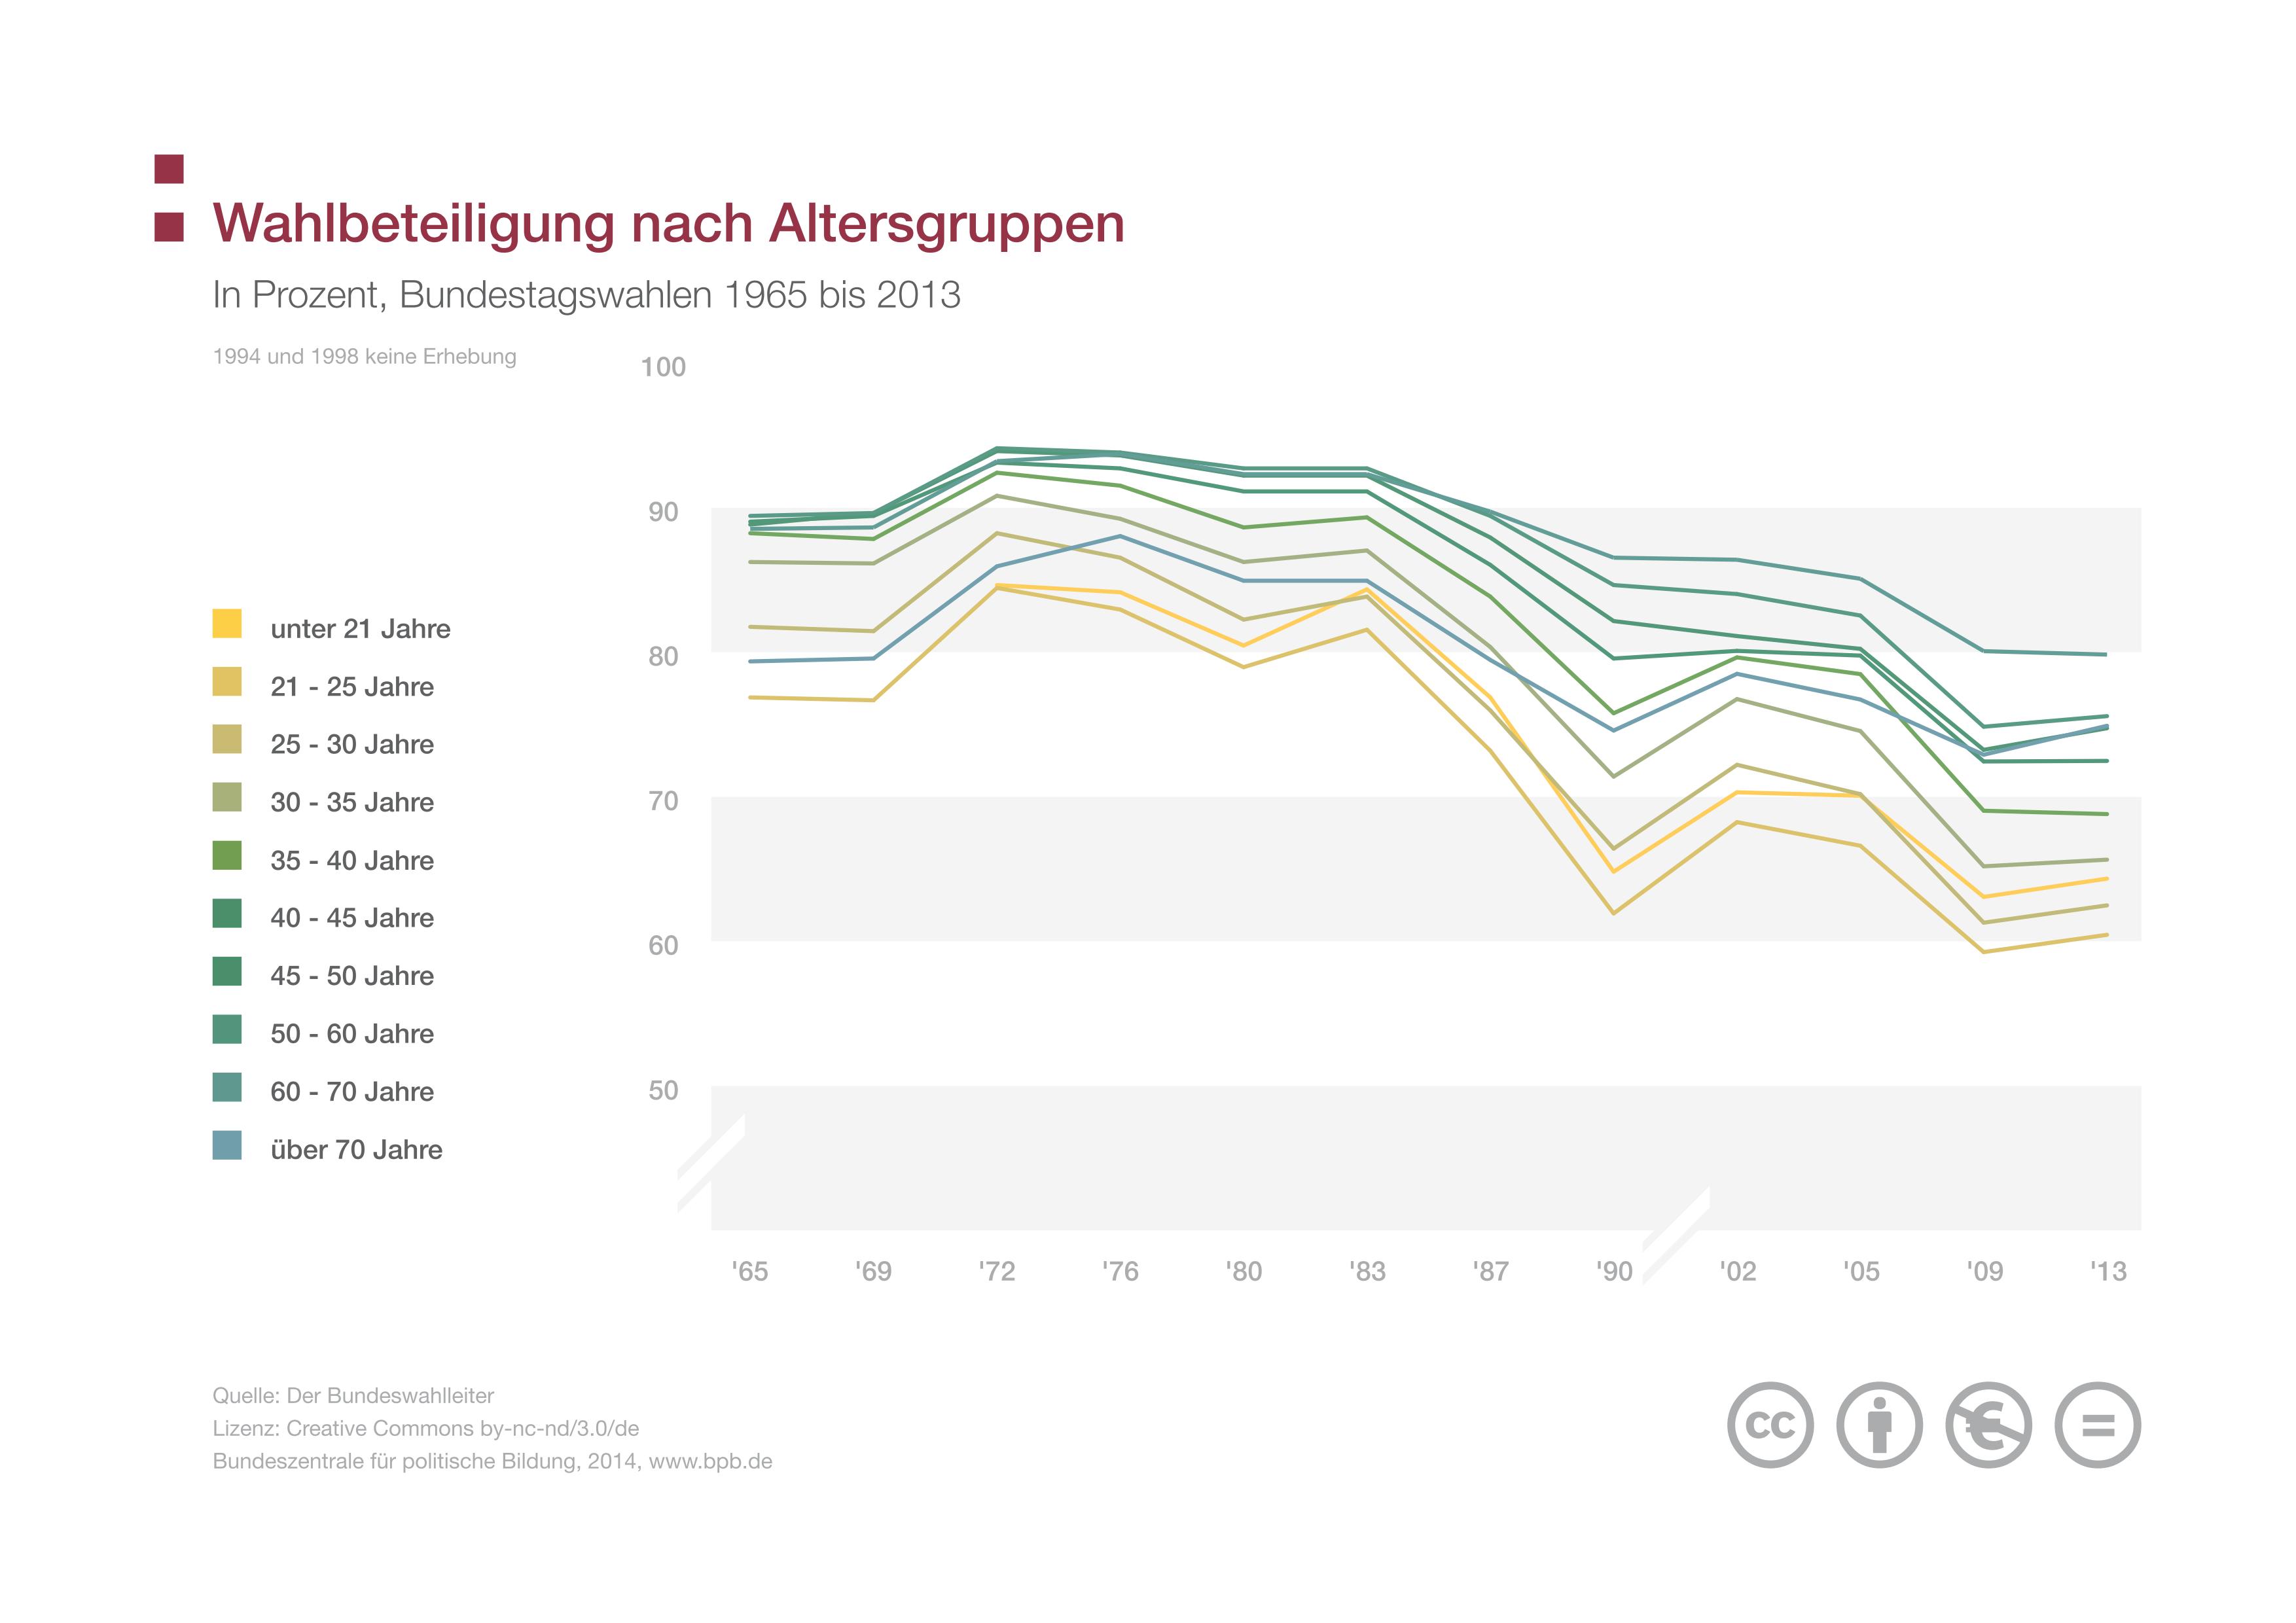 Wahlbeteiligung nach Altersgruppen seit 1953